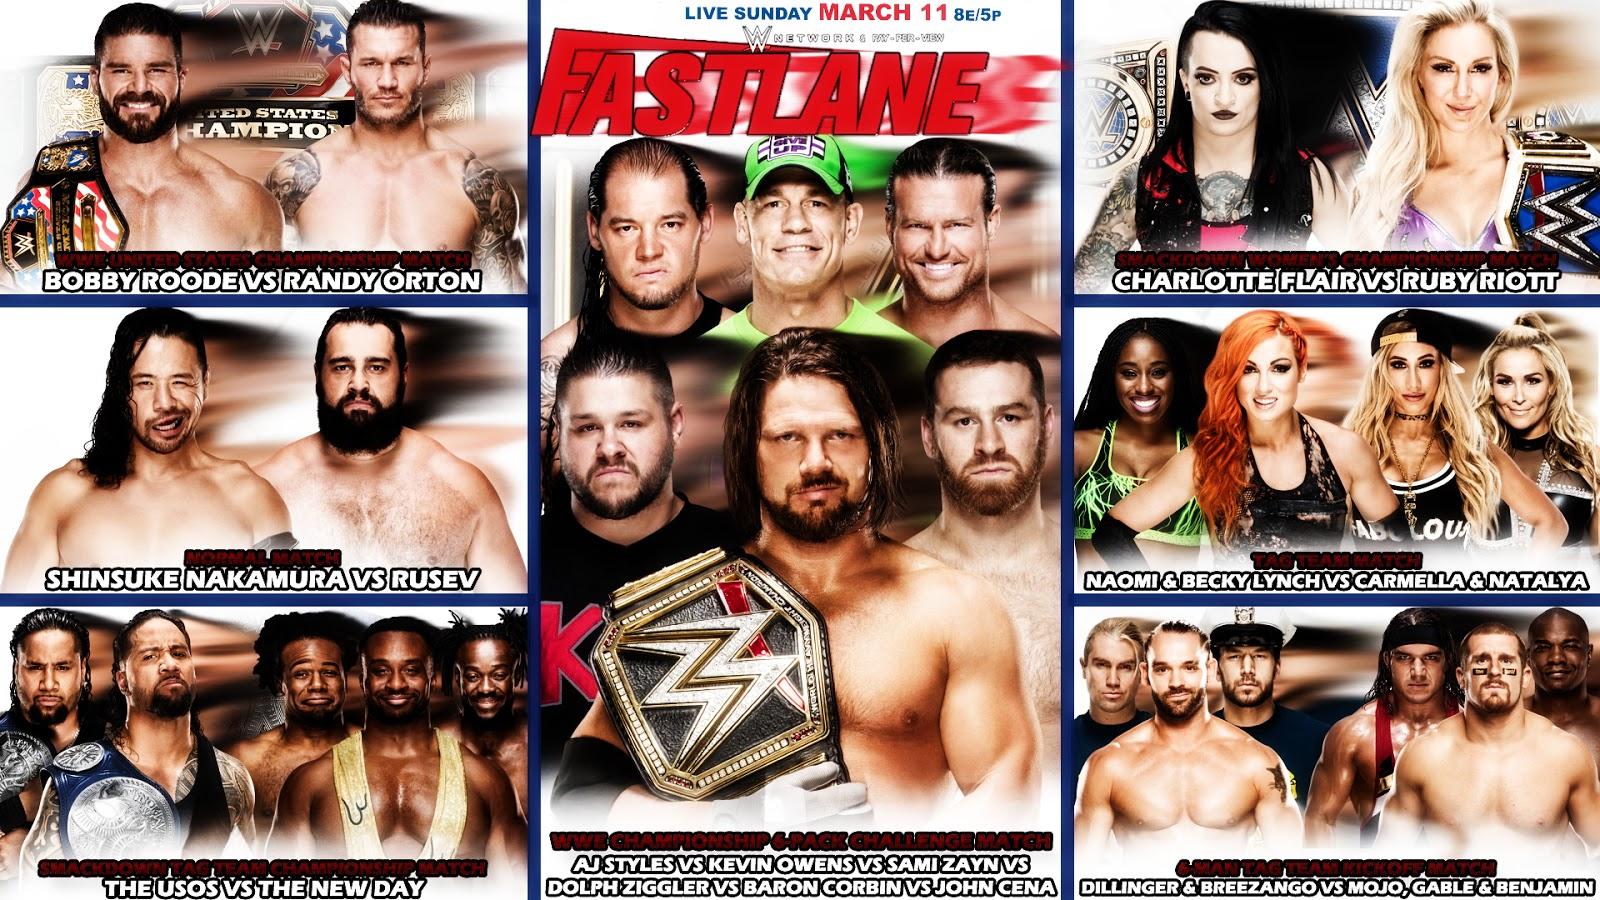 WWE Fastlane 2018 | WWE Match Cards Wallpaper